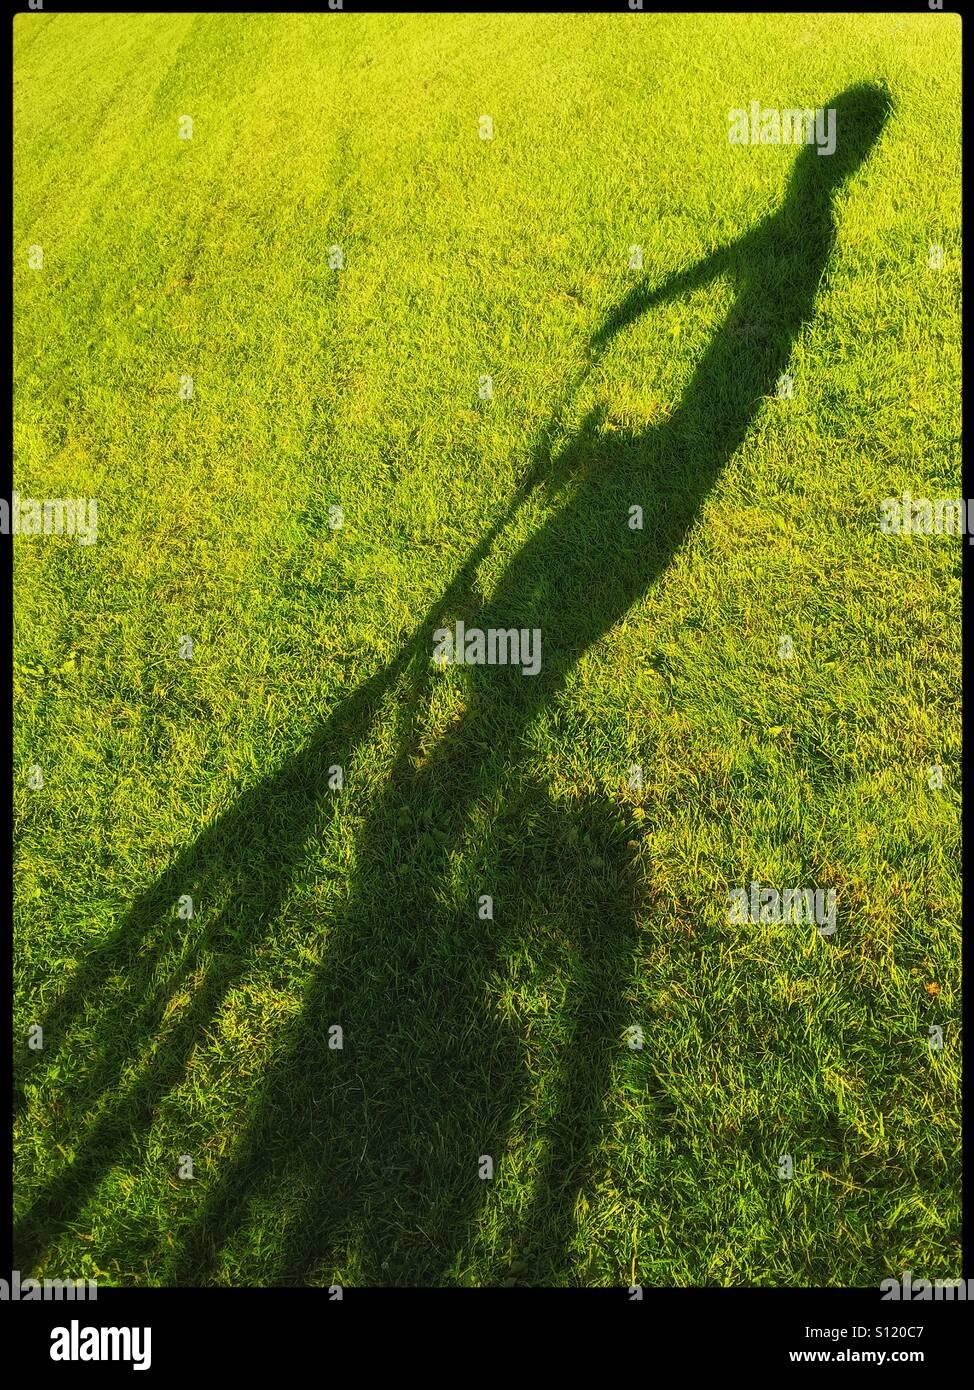 L'ombre d'un garçon de 6 ans sur son vélo dans une zone d'herbe. Une photo avec zone pour Photo Stock